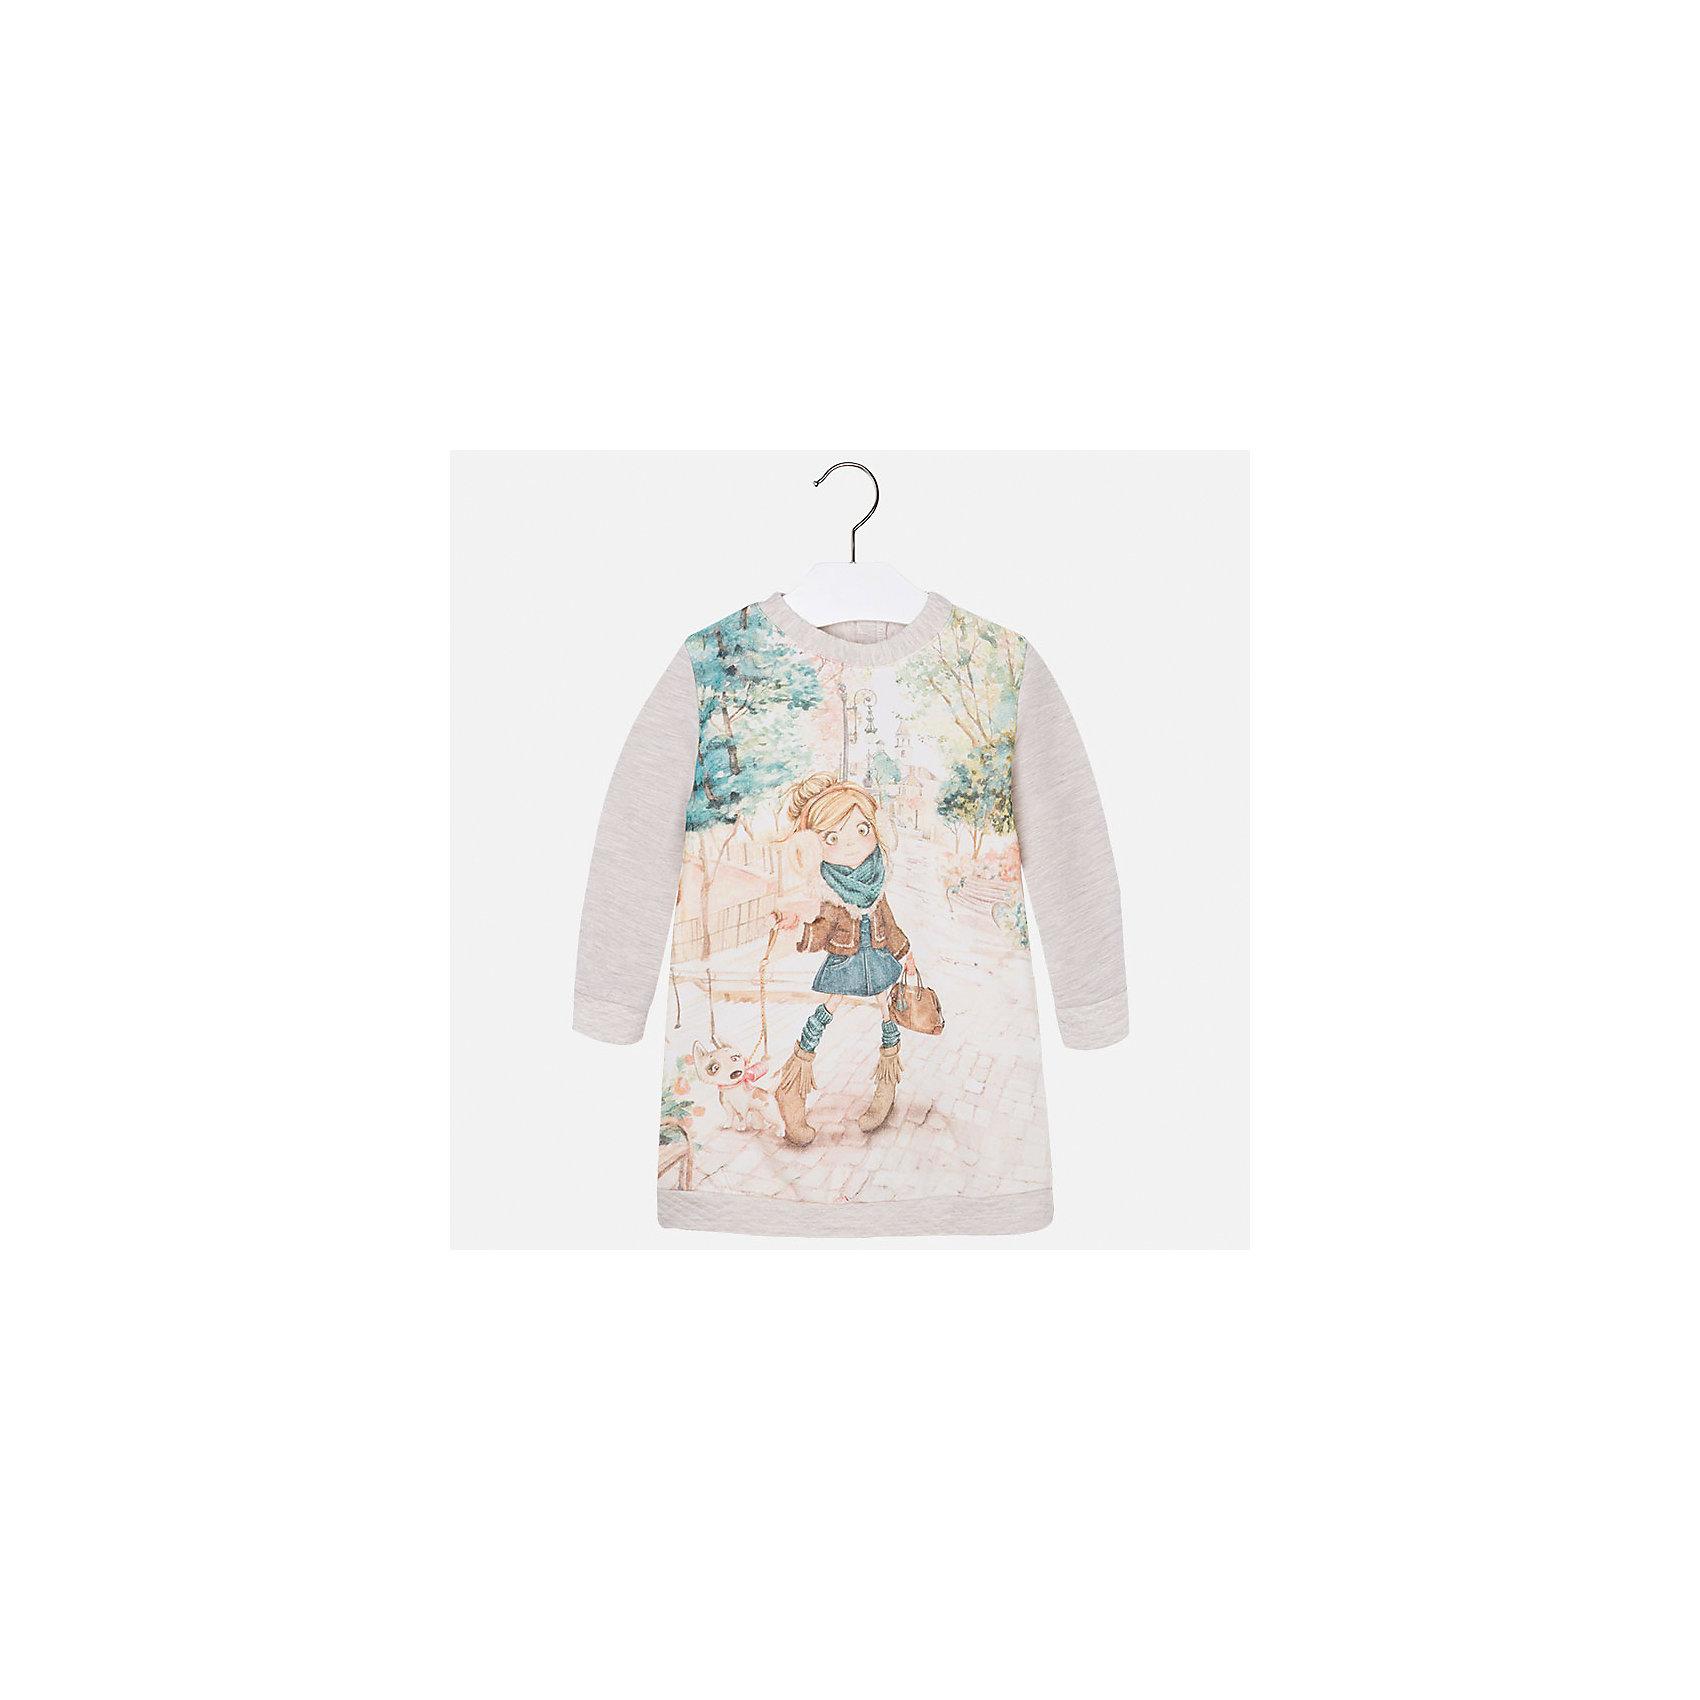 Платье для девочки MayoralПлатья и сарафаны<br>Платье для девочки от известного испанского бренда Mayoral (Майорал). Это модное и удобное платье с длинным рукавом сочетает в себе стиль и простоту. Приятный цвет серый меланж и яркий фото-принт придут по вкусу вашей моднице. У платья свободный крой, слегка расширяющийся к низу. Отличное пополнение для сезона осень-зима. К этому платью подойдут как классические колготки, так и современные укороченные леггинсы.<br><br>Дополнительная информация:<br><br>- Силуэт: прямой<br>- Рукав: длинный<br>- Длина: средняя<br><br>Состав: 75% хлопок, 20% полиэстер, 5% эластан<br><br>Платье для девочки Mayoral (Майорал) можно купить в нашем интернет-магазине.<br><br>Подробнее:<br>• Для детей в возрасте: от 2 до 9 лет<br>• Номер товара: 4845022<br>Страна производитель: Индия<br><br>Ширина мм: 236<br>Глубина мм: 16<br>Высота мм: 184<br>Вес г: 177<br>Цвет: бежевый<br>Возраст от месяцев: 18<br>Возраст до месяцев: 24<br>Пол: Женский<br>Возраст: Детский<br>Размер: 92,122,116,128,134,104,98,110<br>SKU: 4845022